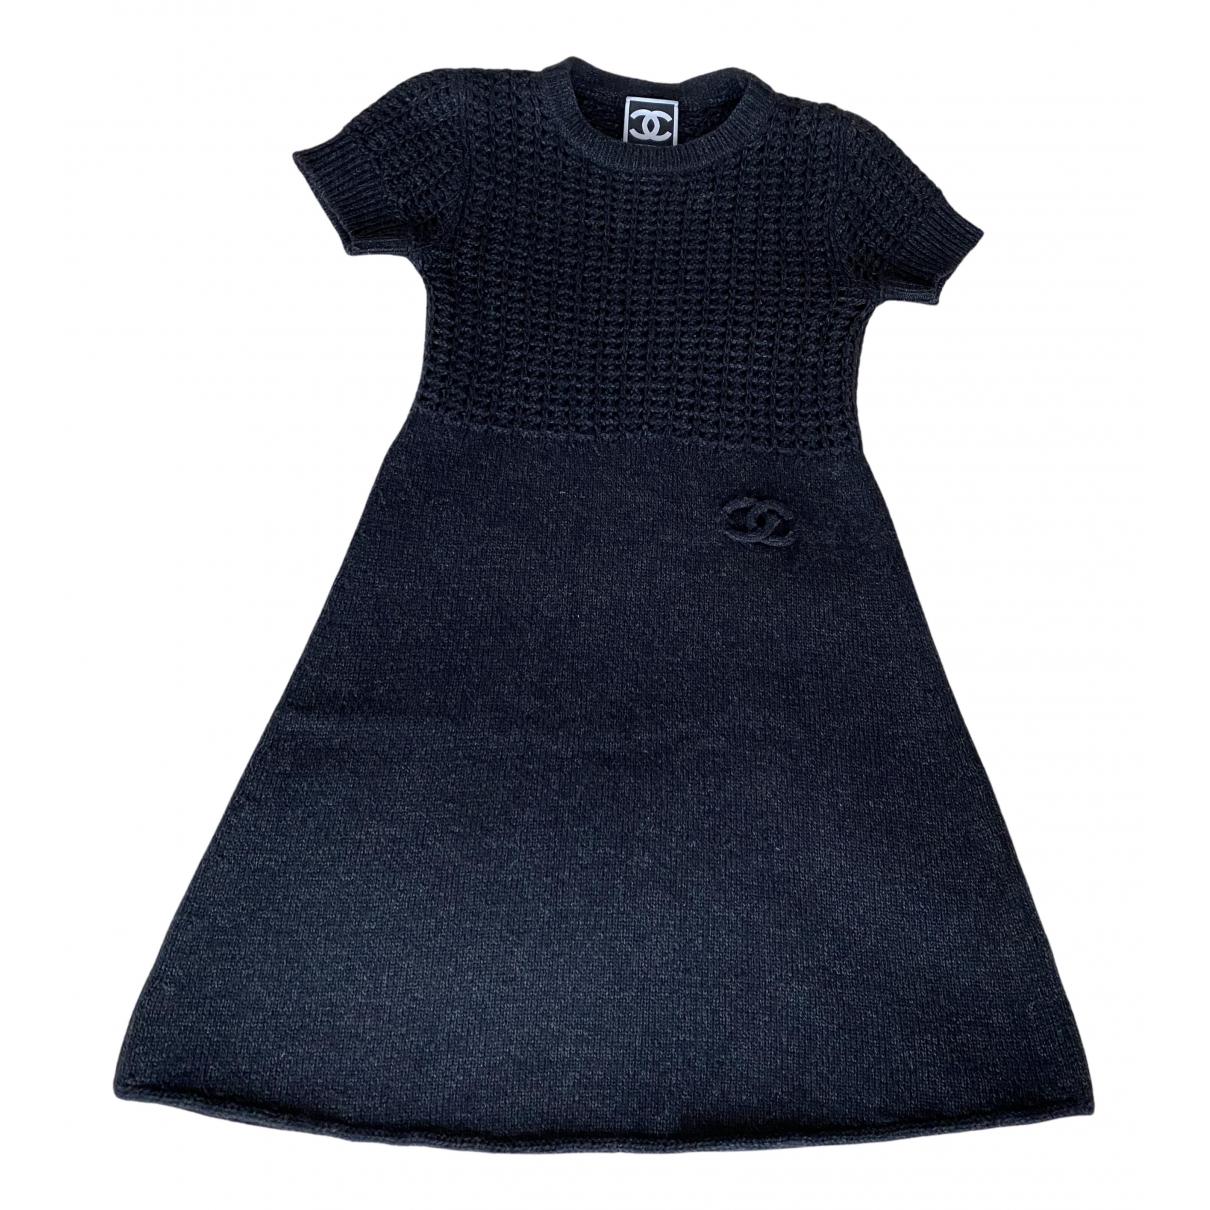 Chanel \N Kleid in  Blau Kaschmir